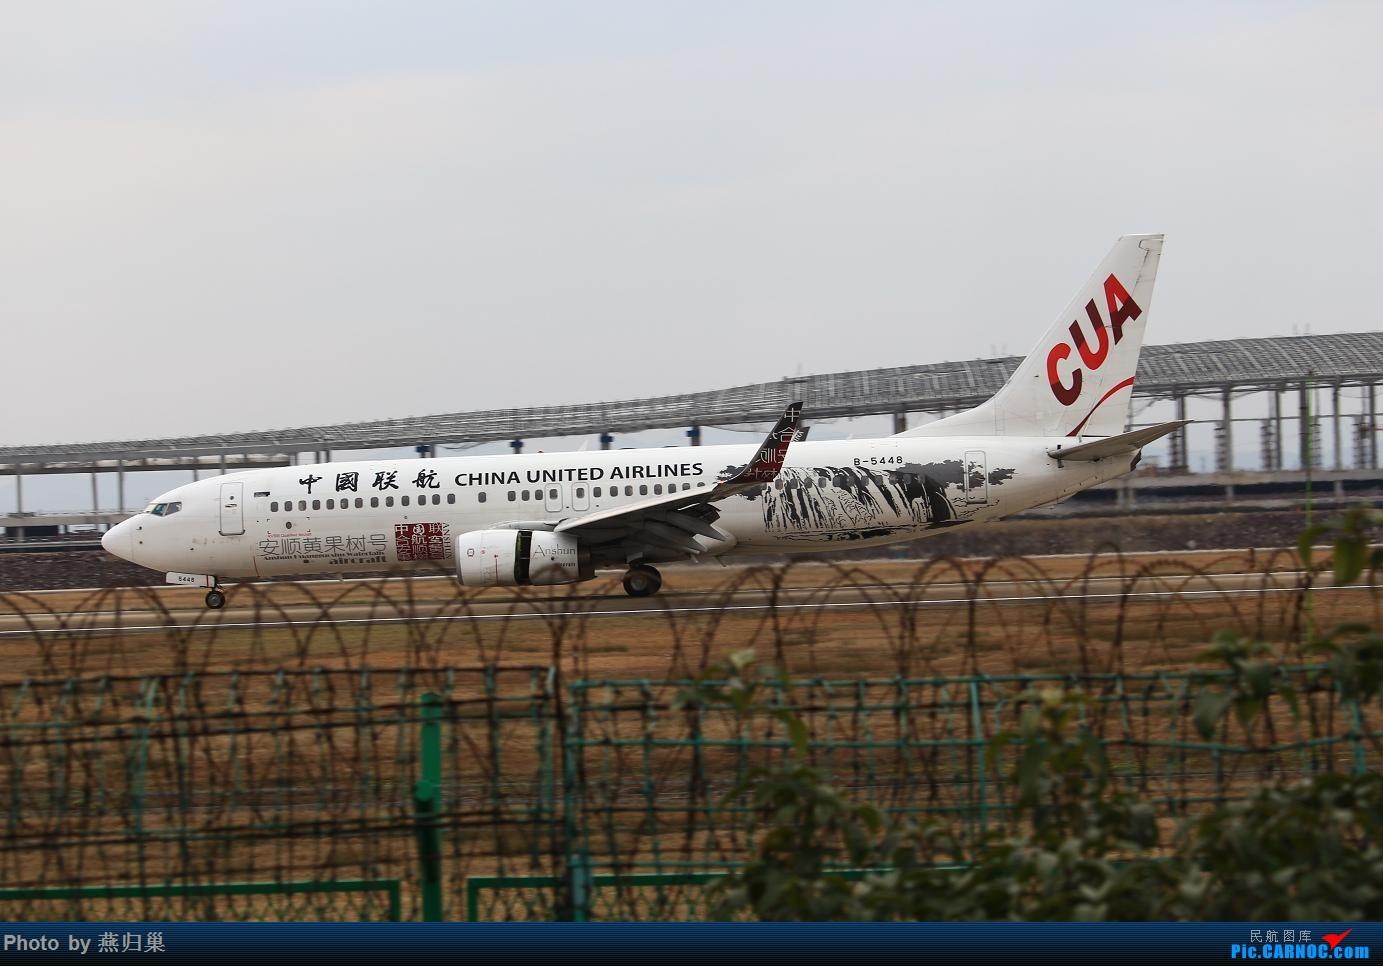 Re:[原创]【宁波飞友会】年前NGB拍机合集 BOEING 737-800 B-5448 中国宁波栎社国际机场